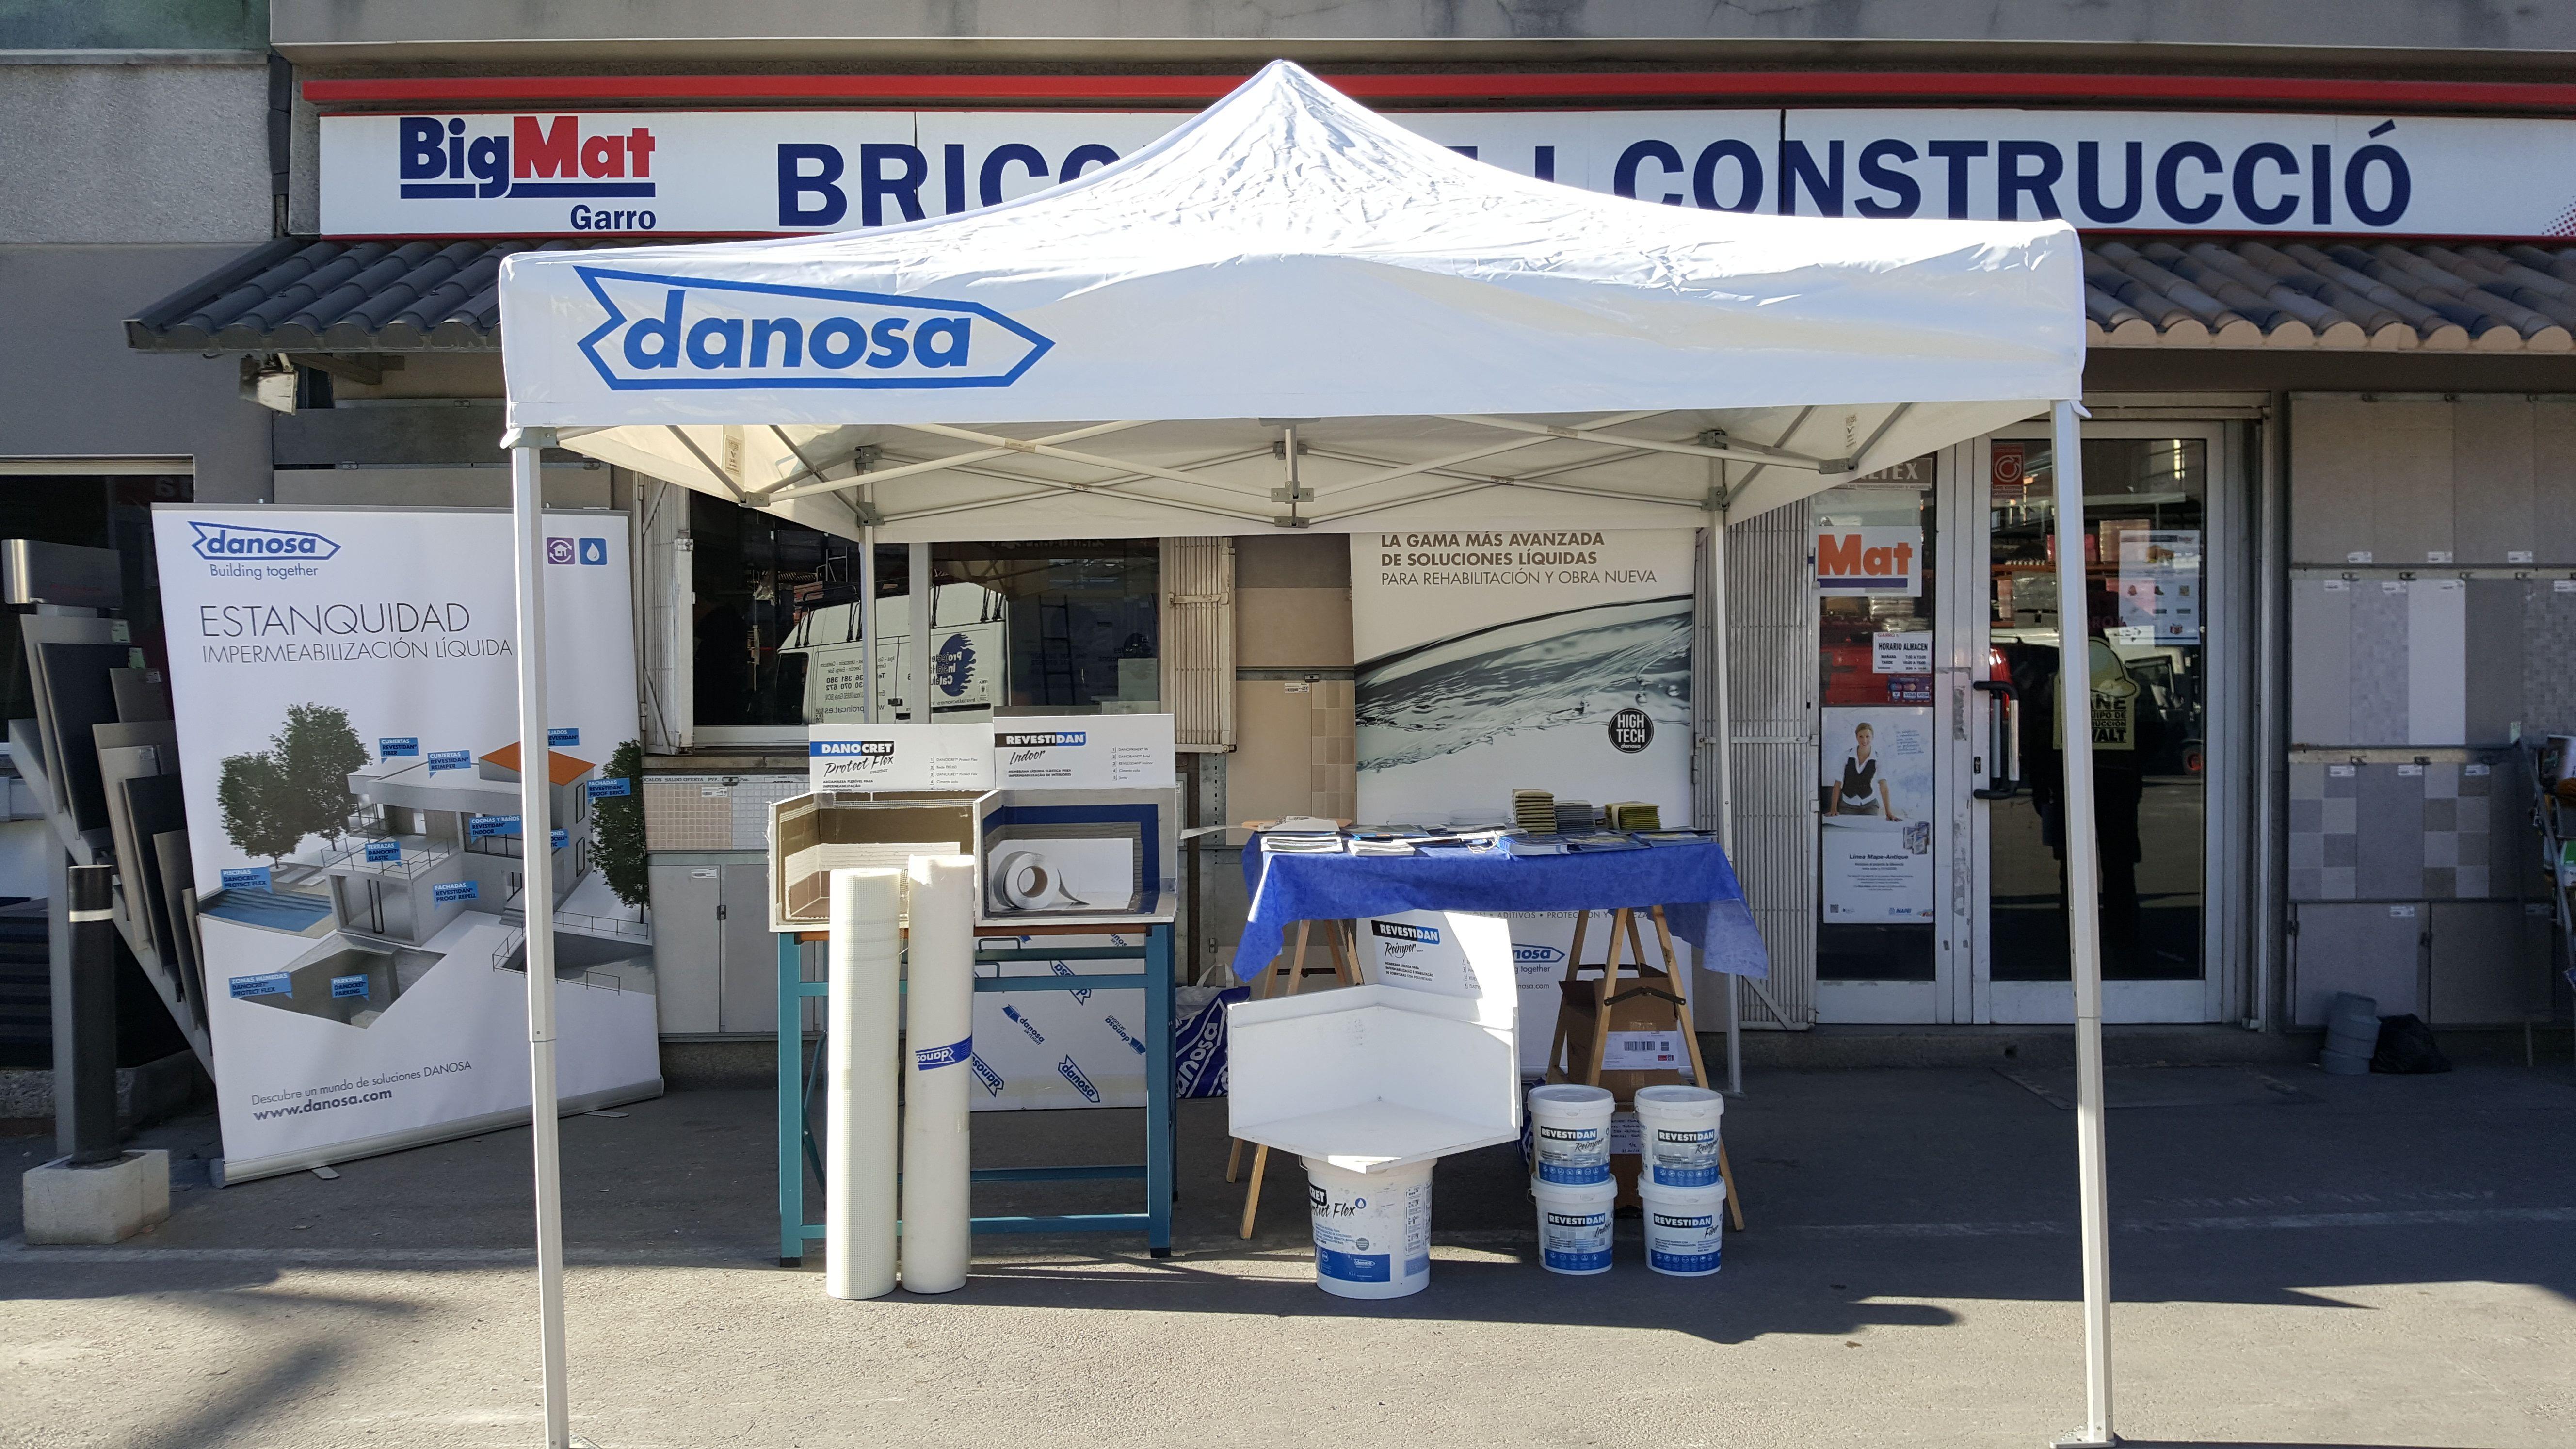 Exposición de productos Danosa en nuestra tienda BigMat Garro de Sant Boi de Llobregat